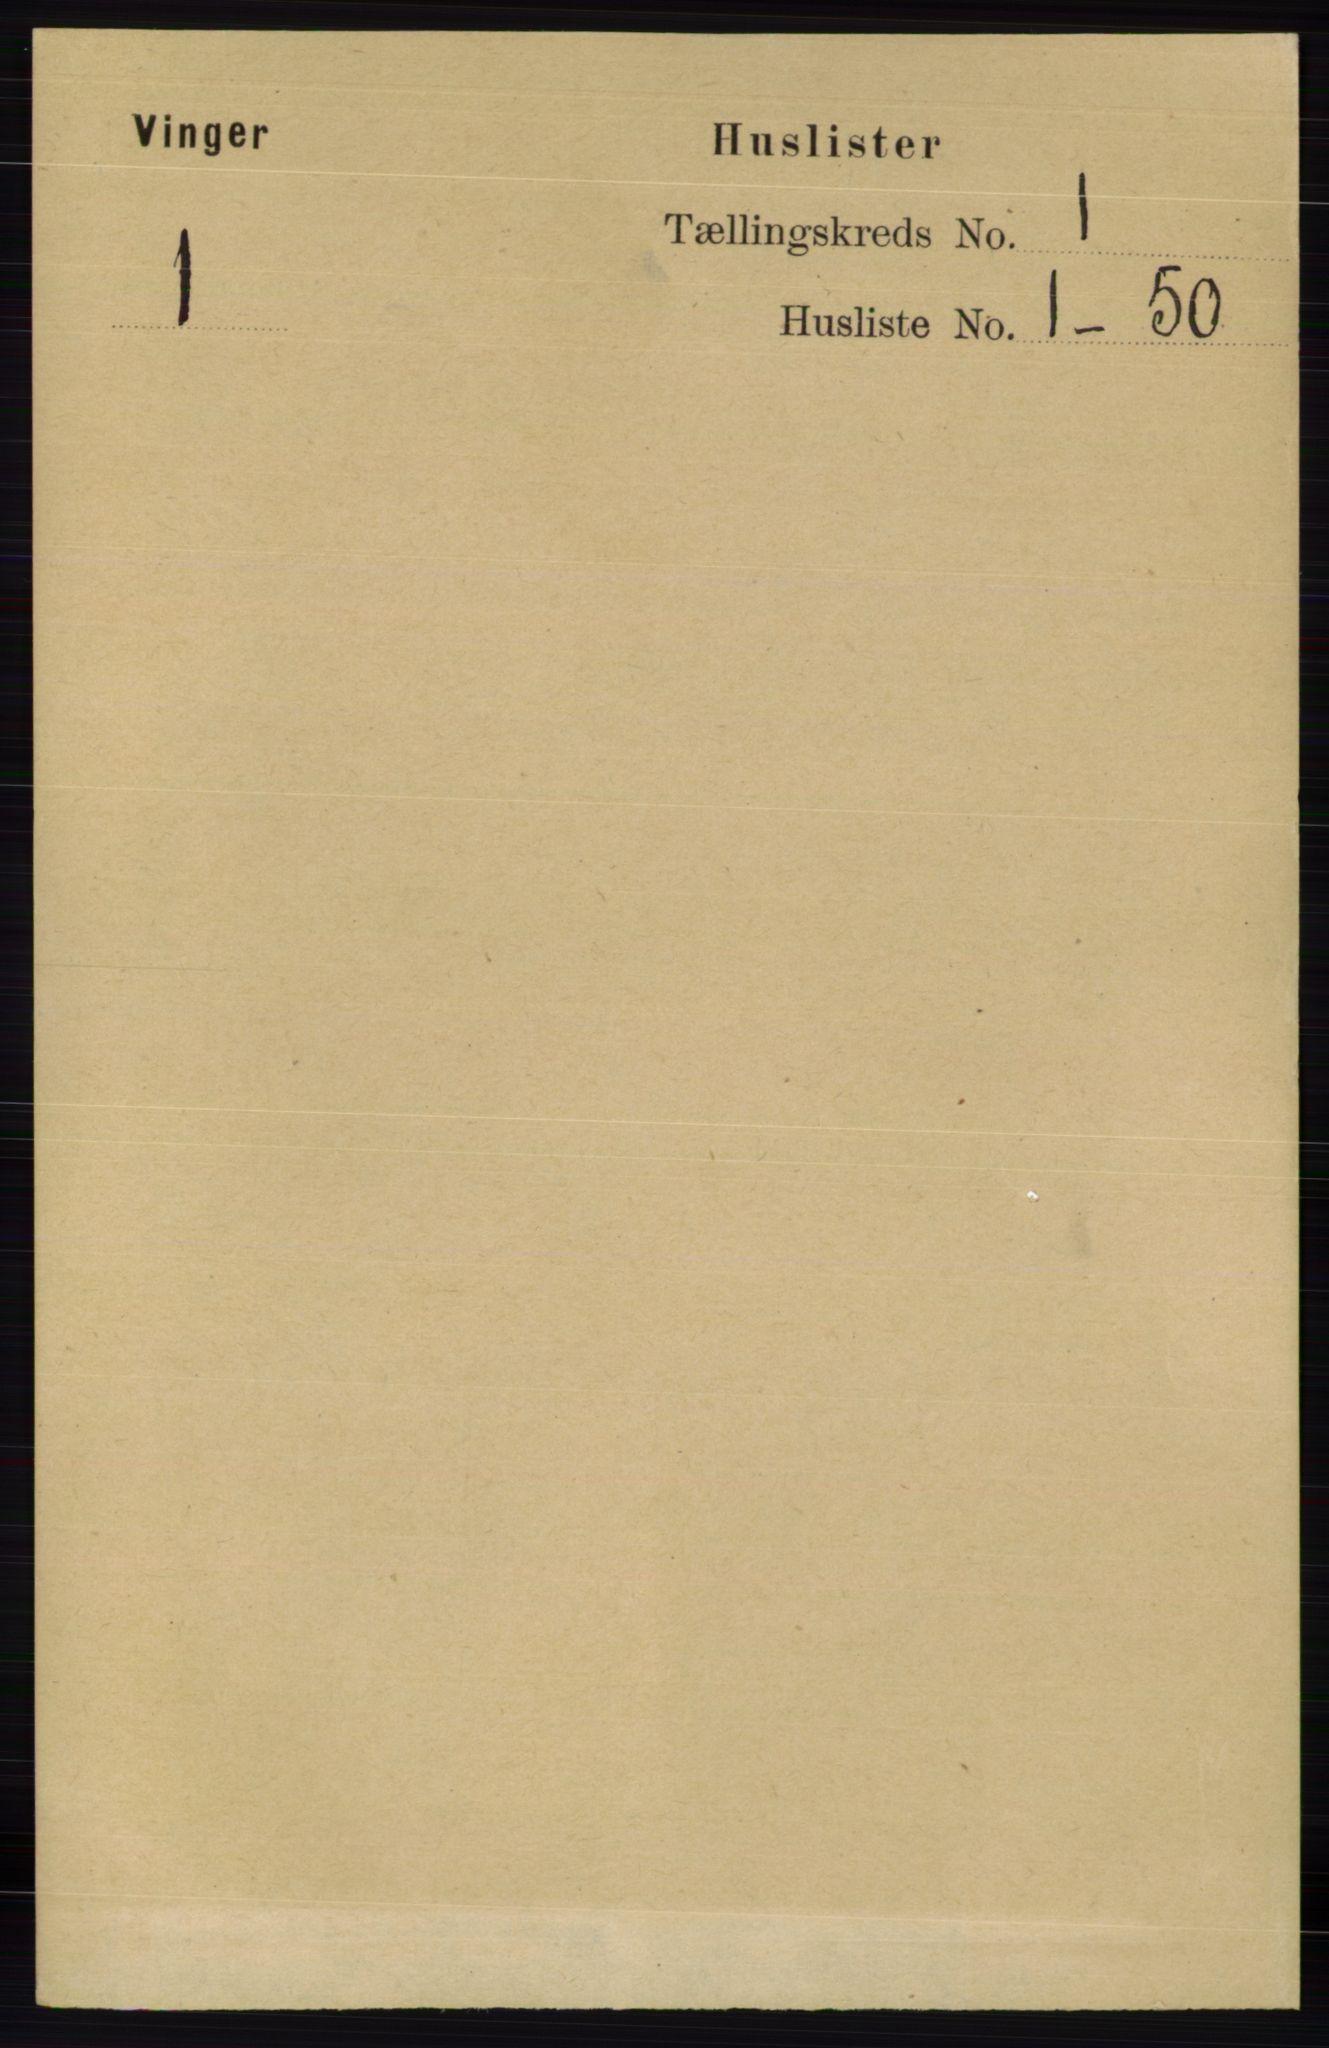 RA, Folketelling 1891 for 0421 Vinger herred, 1891, s. 29